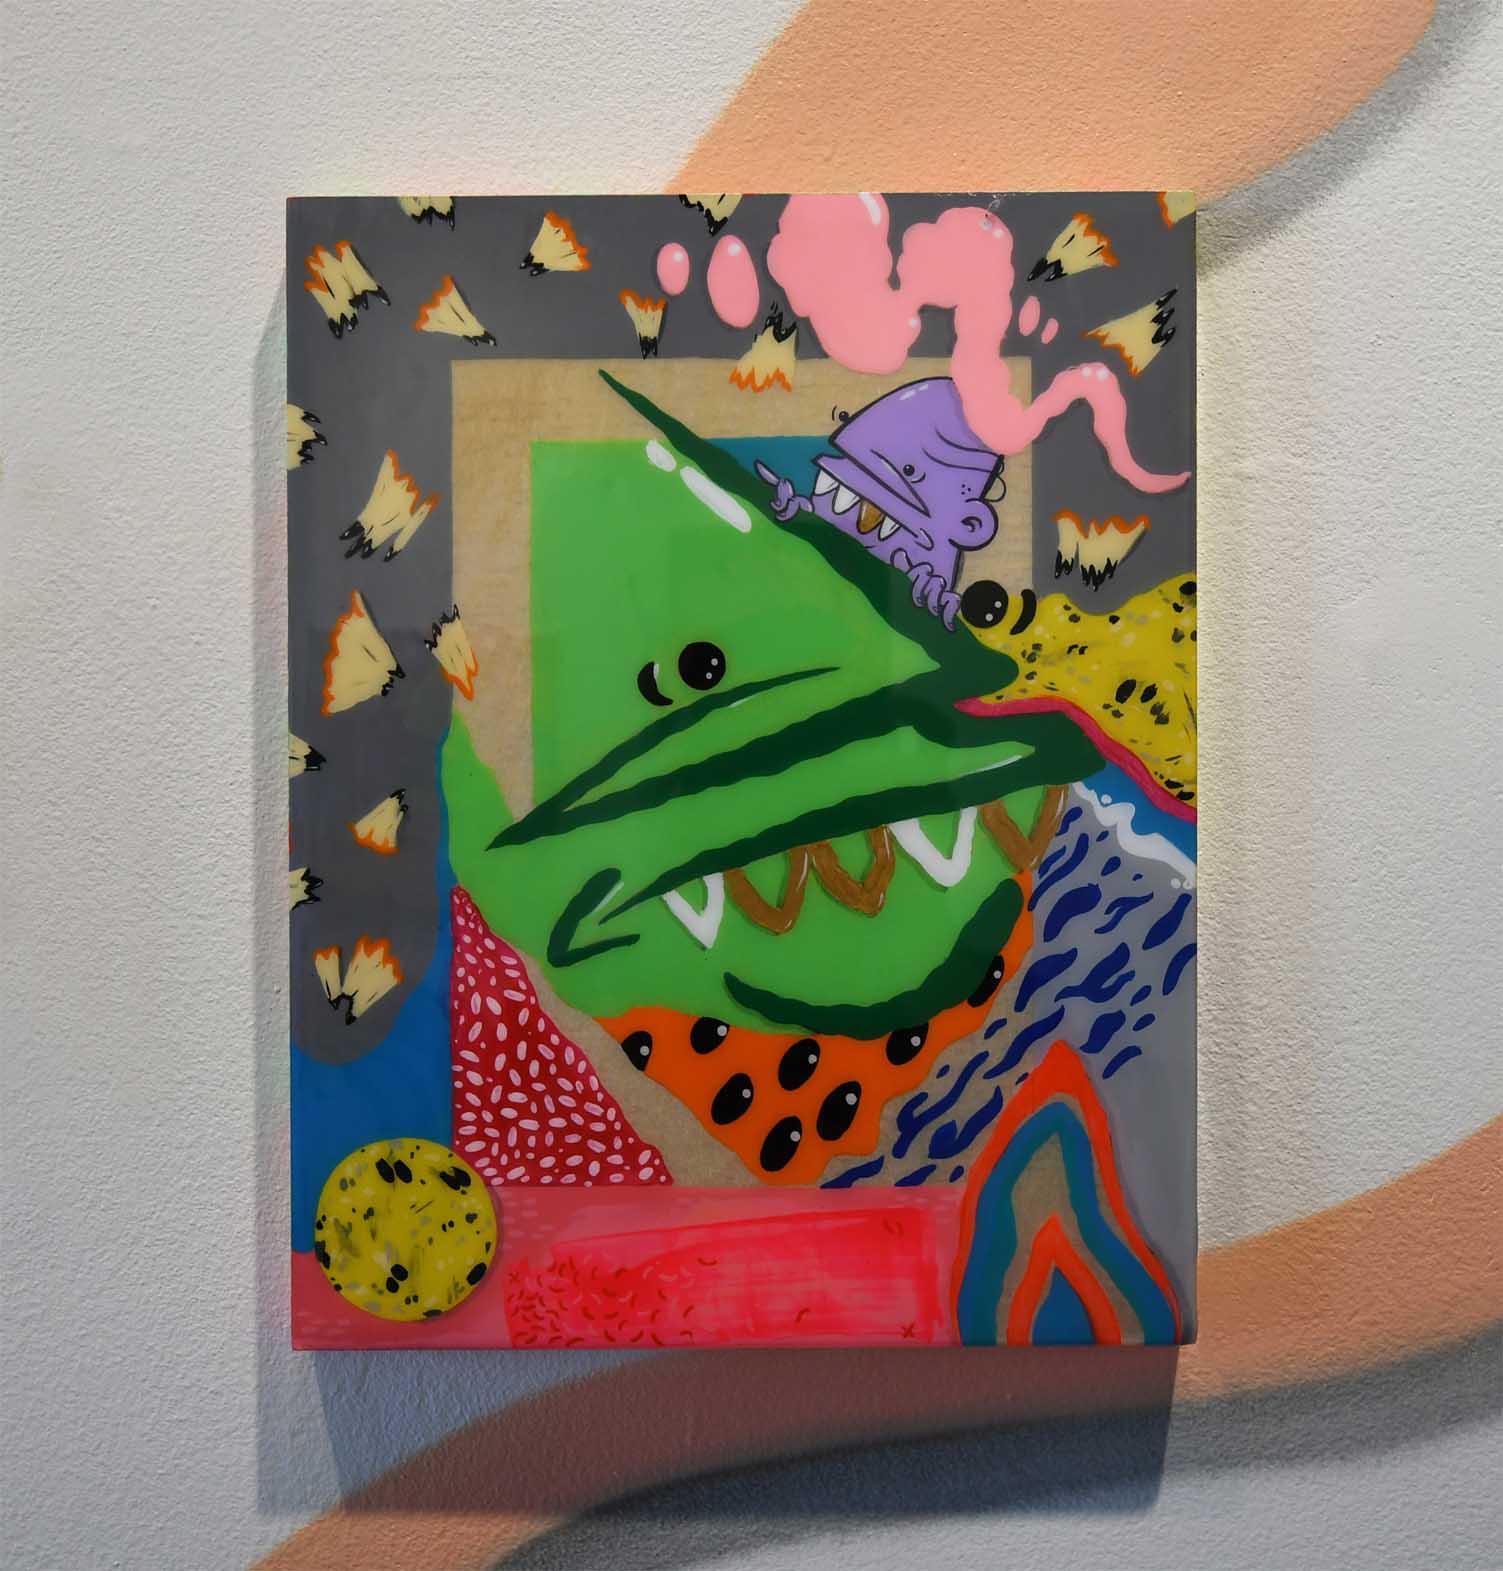 ewkuks artsy goopmassta G11 in living color web.jpg